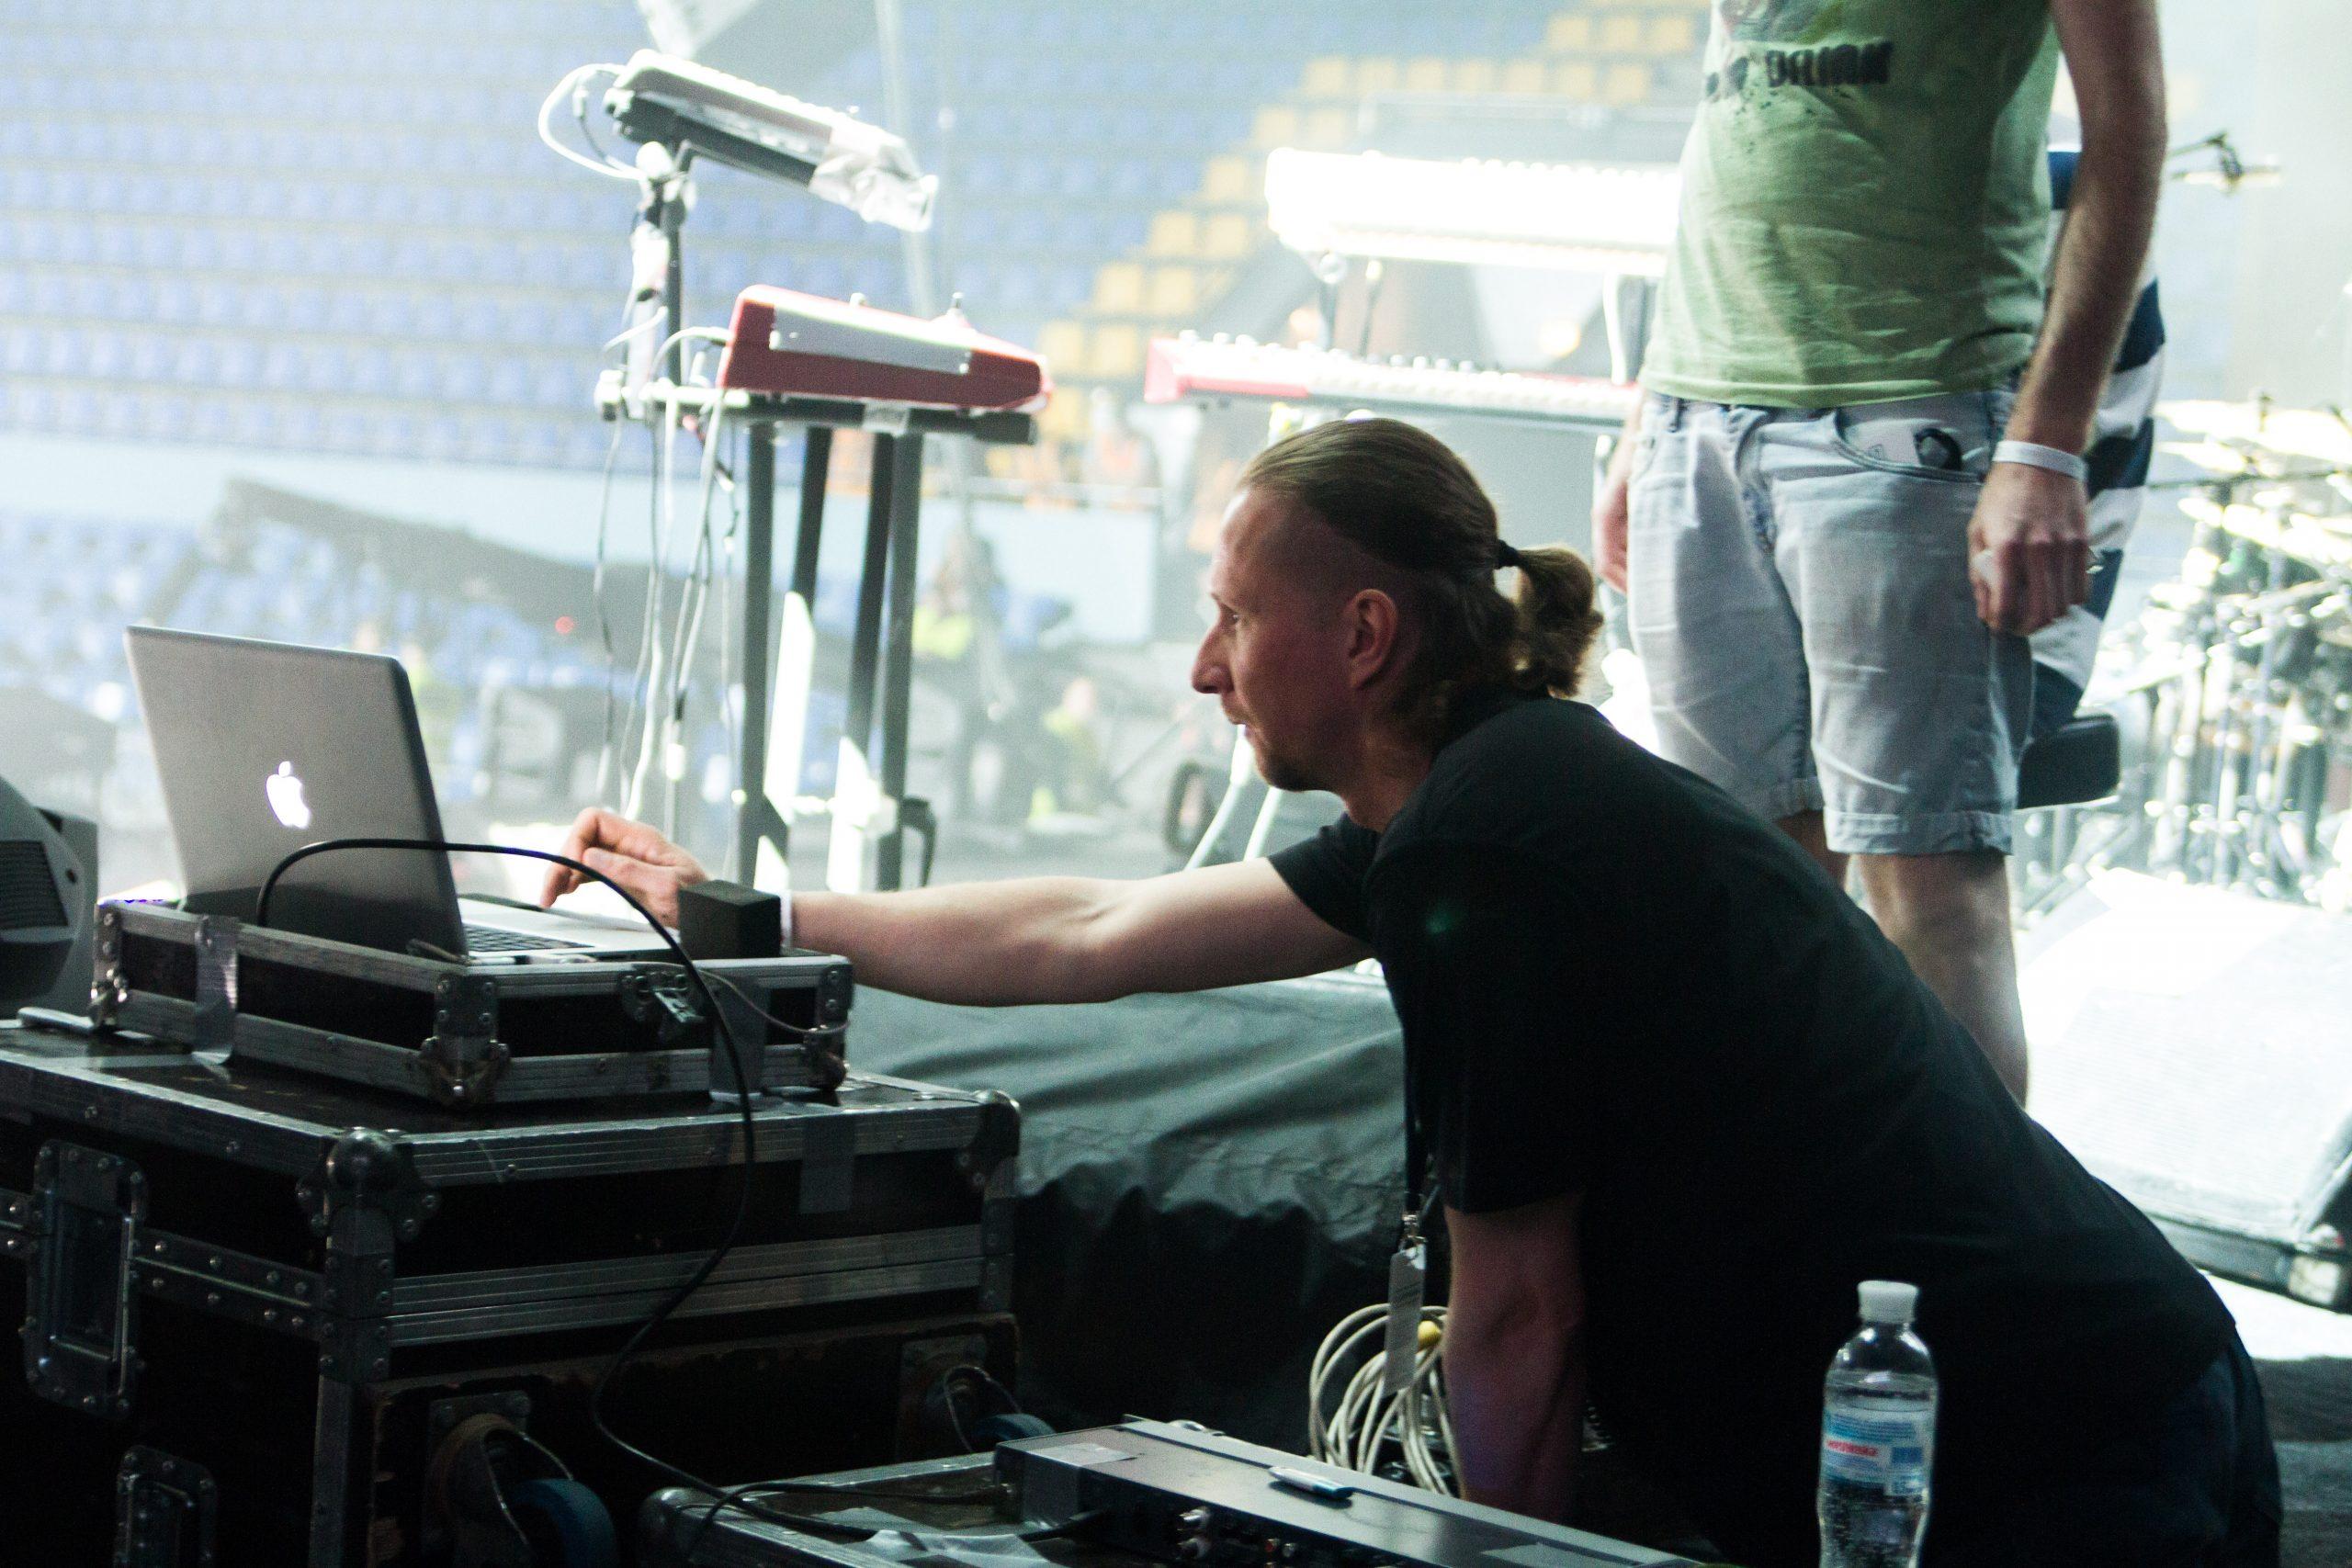 Технический персонал концерта памяти Андрею Кузьменко в Киеве